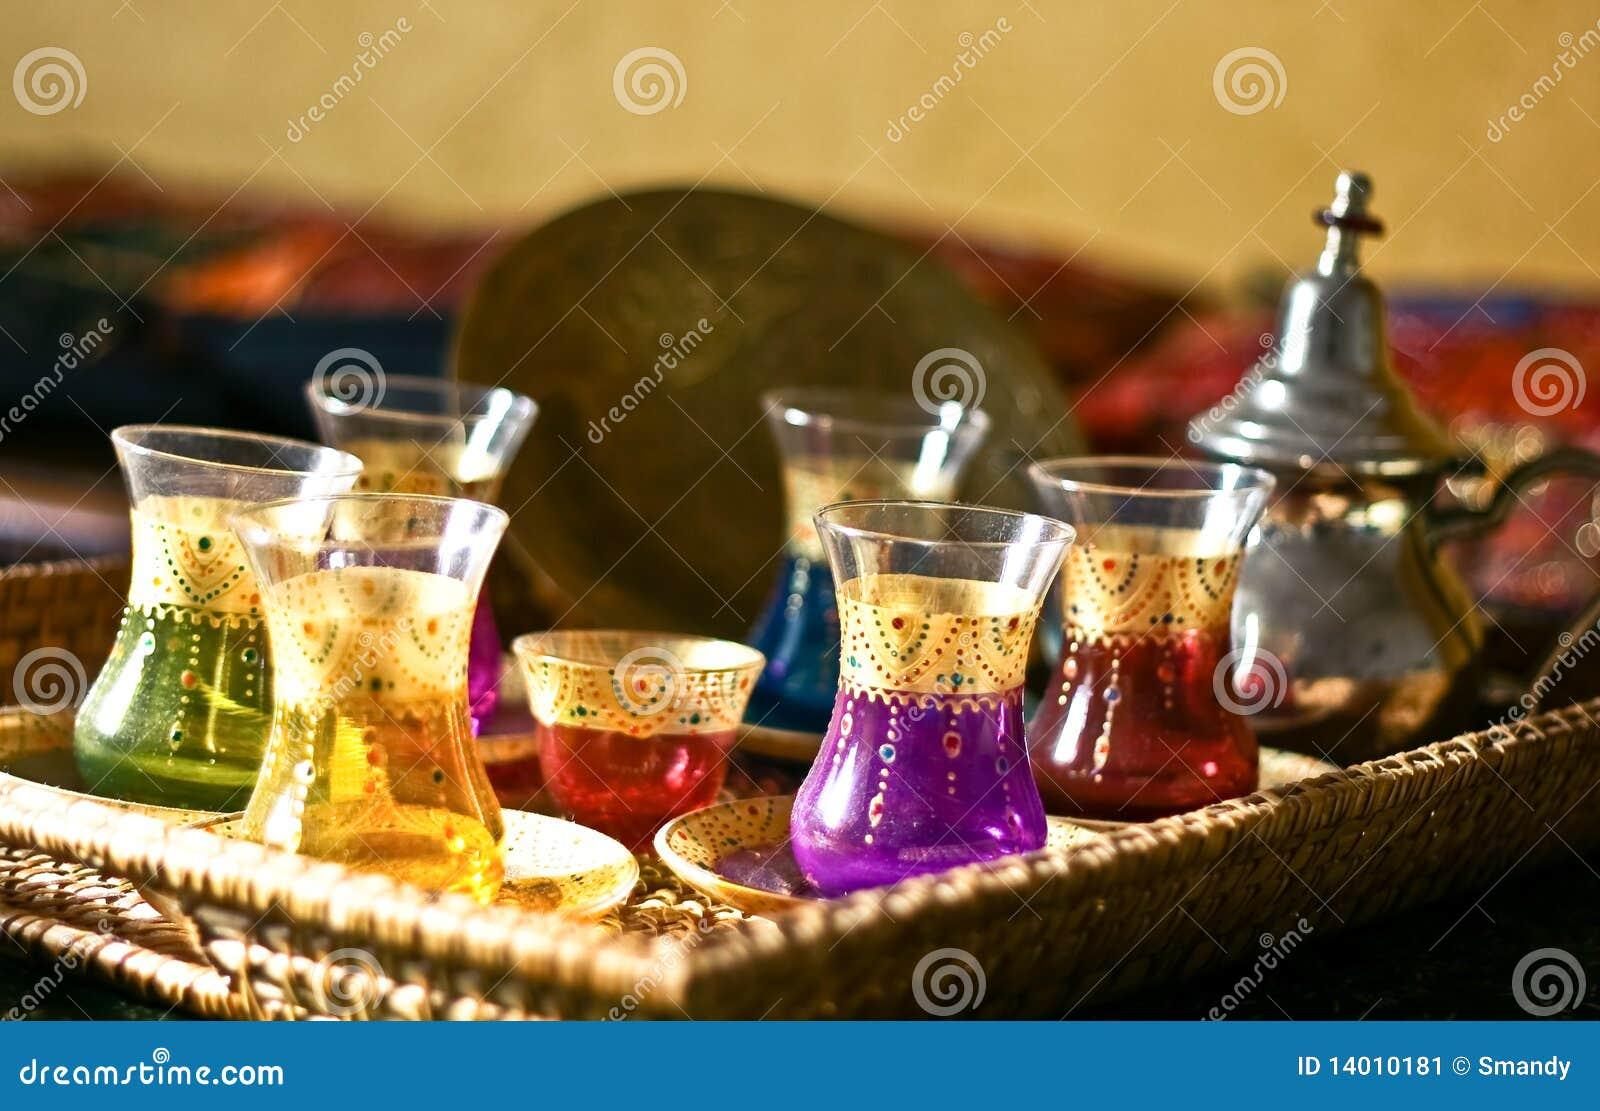 Tazas y placas árabes del conjunto de té